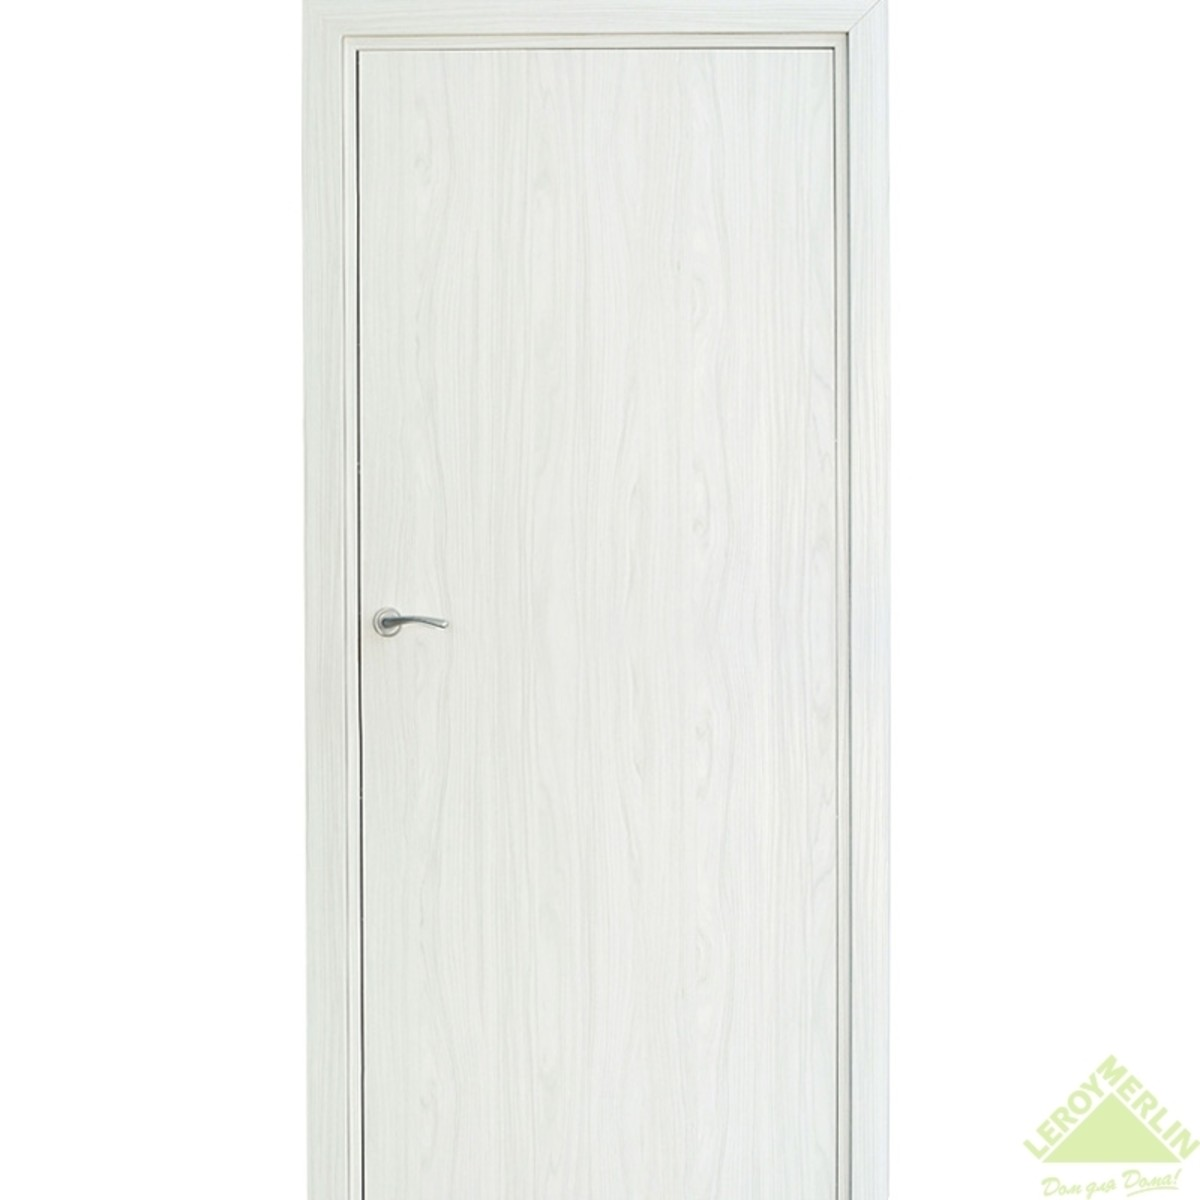 Дверь межкомнатная глухая Фортунато 800 800x2000 мм снежный палисандр